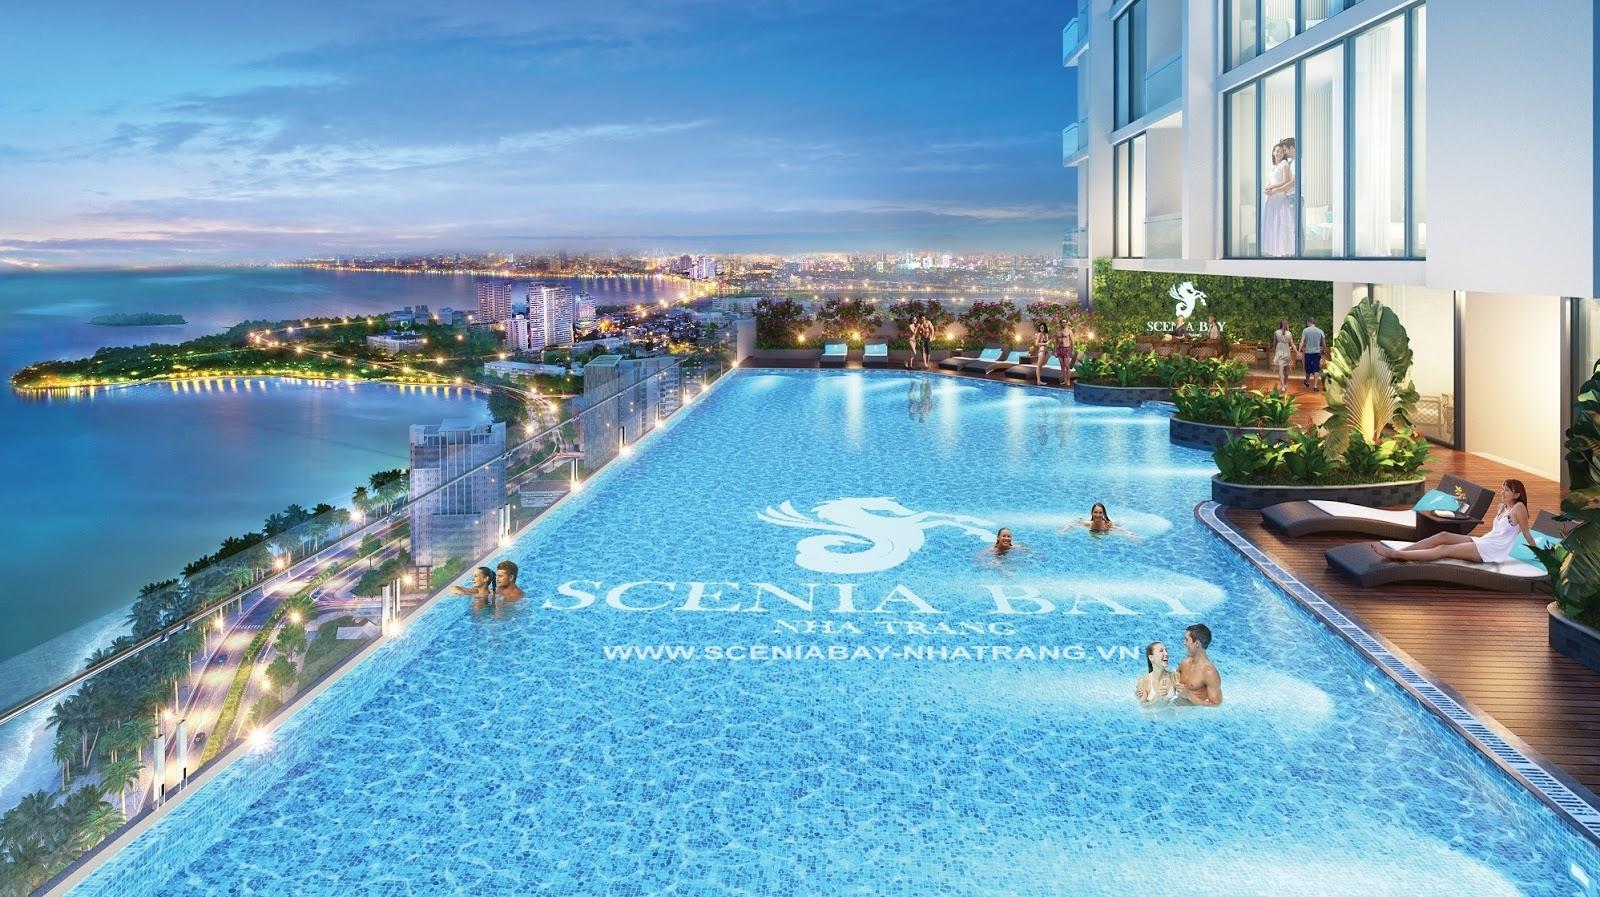 Bể bơi vô cực Scenia Bay Nha Trang tầng 31